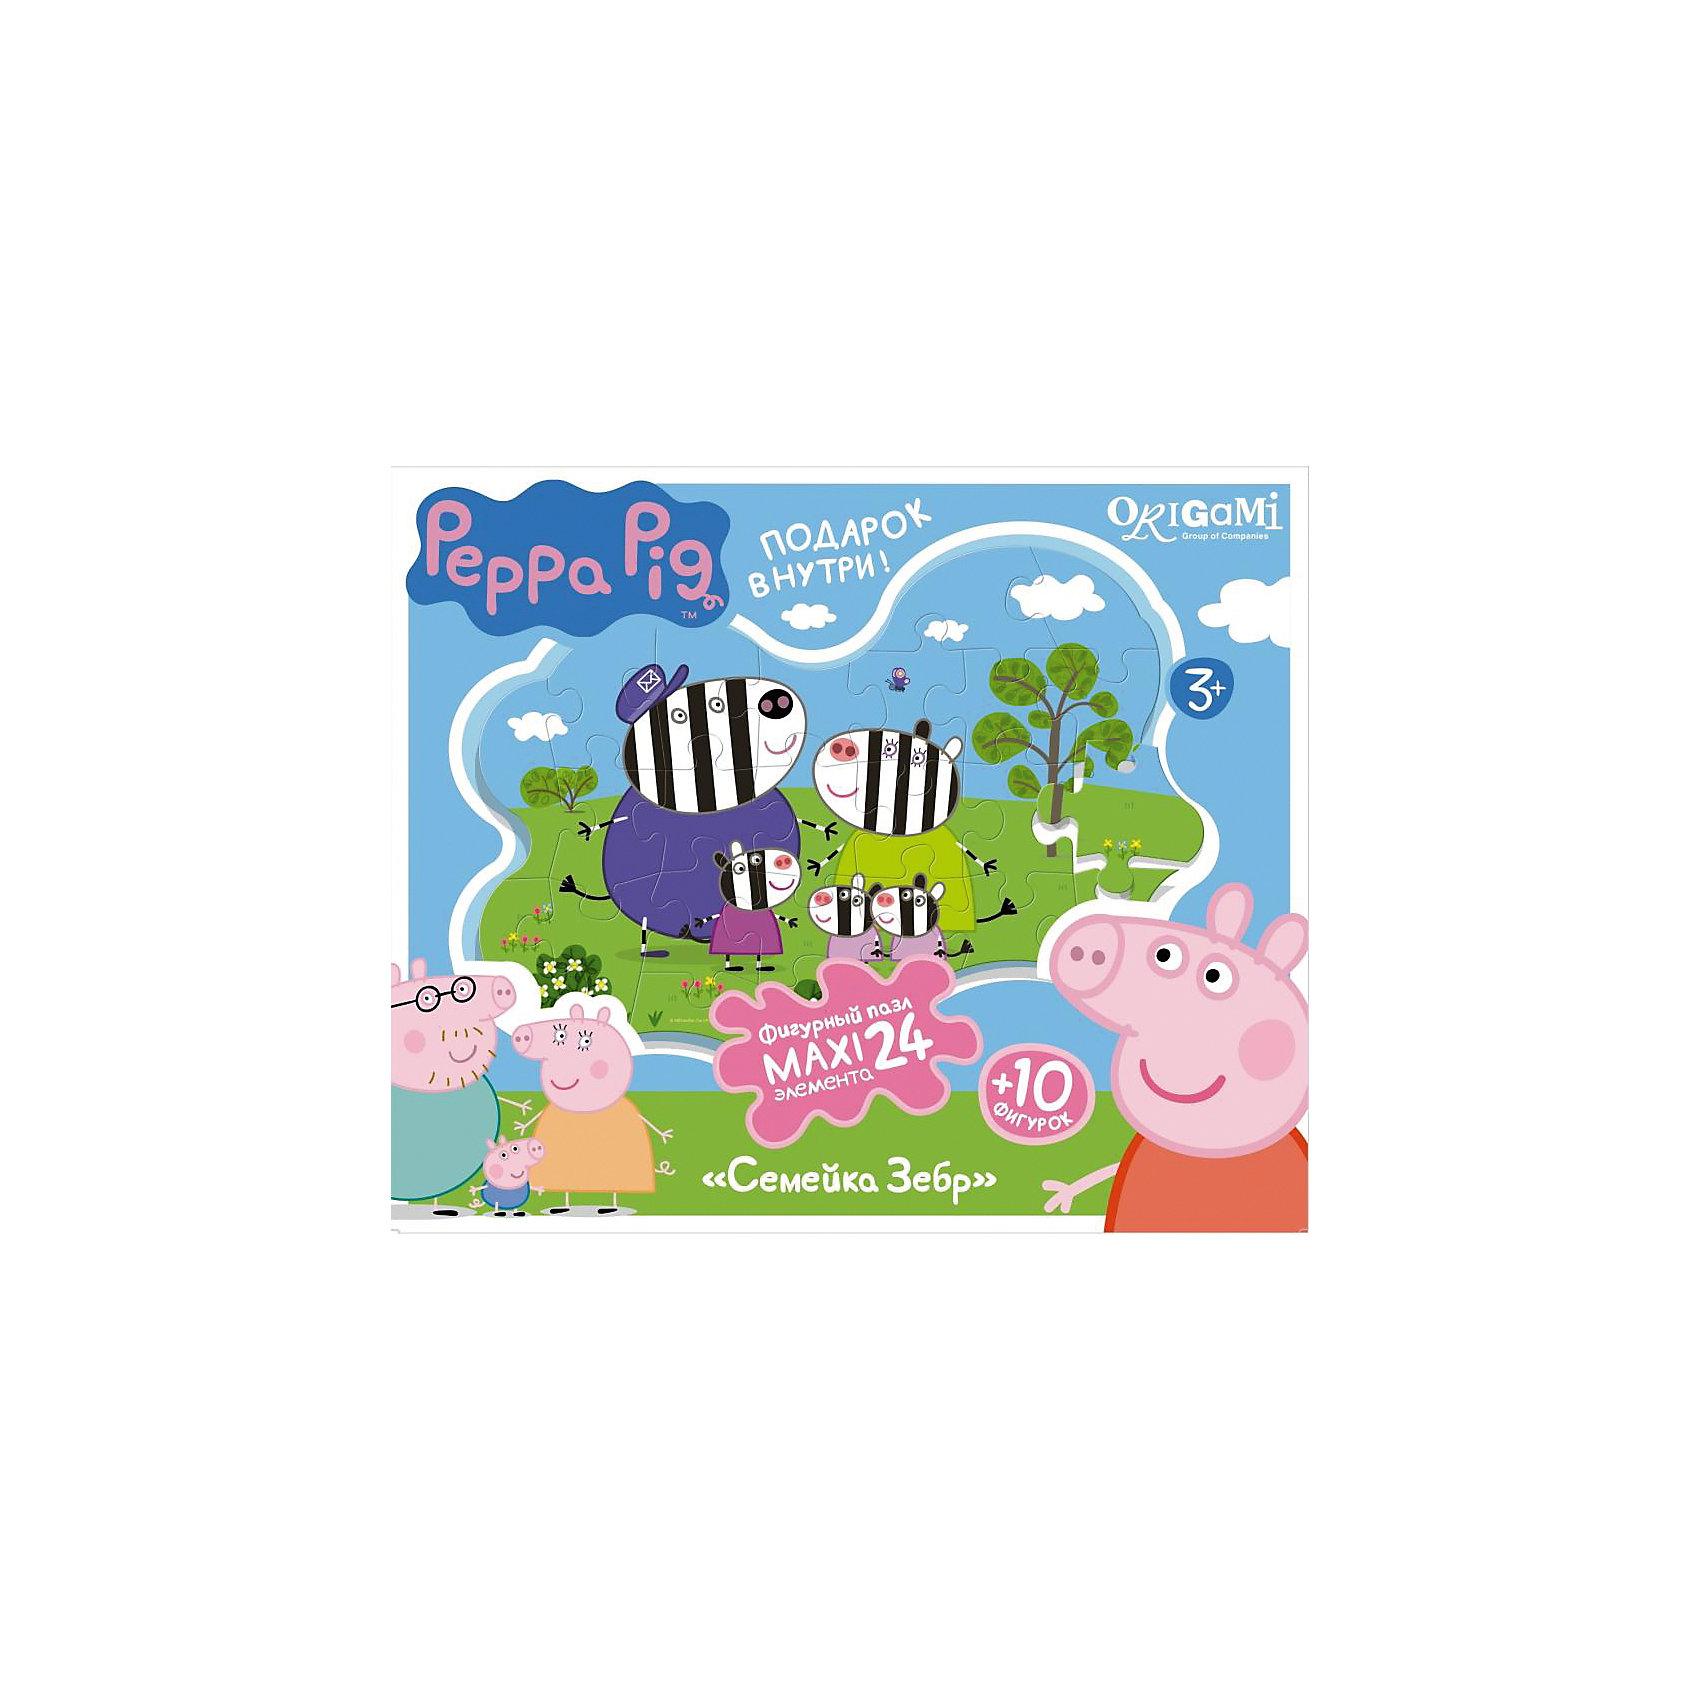 Пазл Семья зебр + магниты + подставки, 24 MAXI детали, Свинка ПеппаПазлы для малышей<br>Пазл Семья зебр, Свинка Пеппа - увлекательный и развивающий набор для творчества, который непременно заинтересует Вашего малыша. Из деталей пазла он сможет собрать красочную фигурную картинку с изображением забавной семьи зебры Хлои из популярного мультсериала Peppa Pig. Собранную картинку можно поместить на подставку, превратив ее в декорацию для игры с картонными фигурками персонажей (входят в комплект). А с помощью магнитов изображение или фигурки можно прикрепить к холодильнику. Пазл отличается высоким качеством полиграфии и насыщенными цветами. Благодаря ламинированному покрытию картинка надолго сохраняет свой блеск и яркие цвета. Плотный картон не дает деталям мяться и обеспечивает надежное соединение. Собирание пазла способствует развитию логического и пространственного мышления, внимания, мелкой моторики и координации движений.<br><br>Дополнительная информация:<br><br>- В комплекте: контурный пазл (24 детали), 10 фигурок, магниты, подставка.<br>- Материал: картон, бумага. <br>- Размер упаковки: 28 x 6 x 23 см.<br>- Вес: 0,424 кг.<br> <br>Пазл Семья зебр + магниты + подставки, 24 MAXI детали, Свинка Пеппа, Origami, можно купить в нашем интернет-магазине.<br><br>Ширина мм: 280<br>Глубина мм: 60<br>Высота мм: 230<br>Вес г: 100<br>Возраст от месяцев: 36<br>Возраст до месяцев: 96<br>Пол: Унисекс<br>Возраст: Детский<br>SKU: 4614943